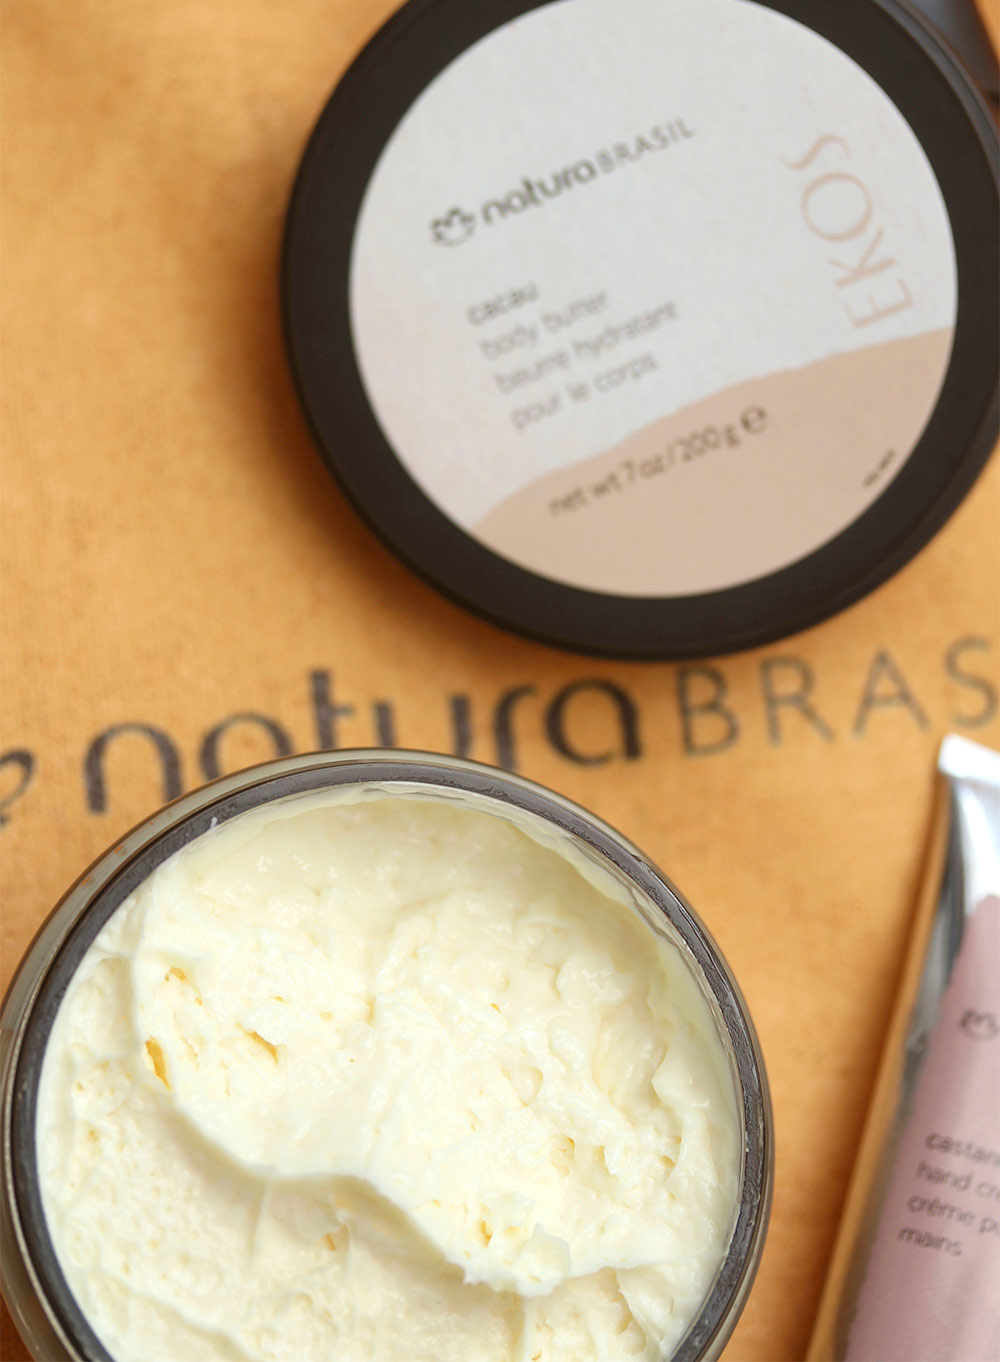 natura brasil cacau body butter